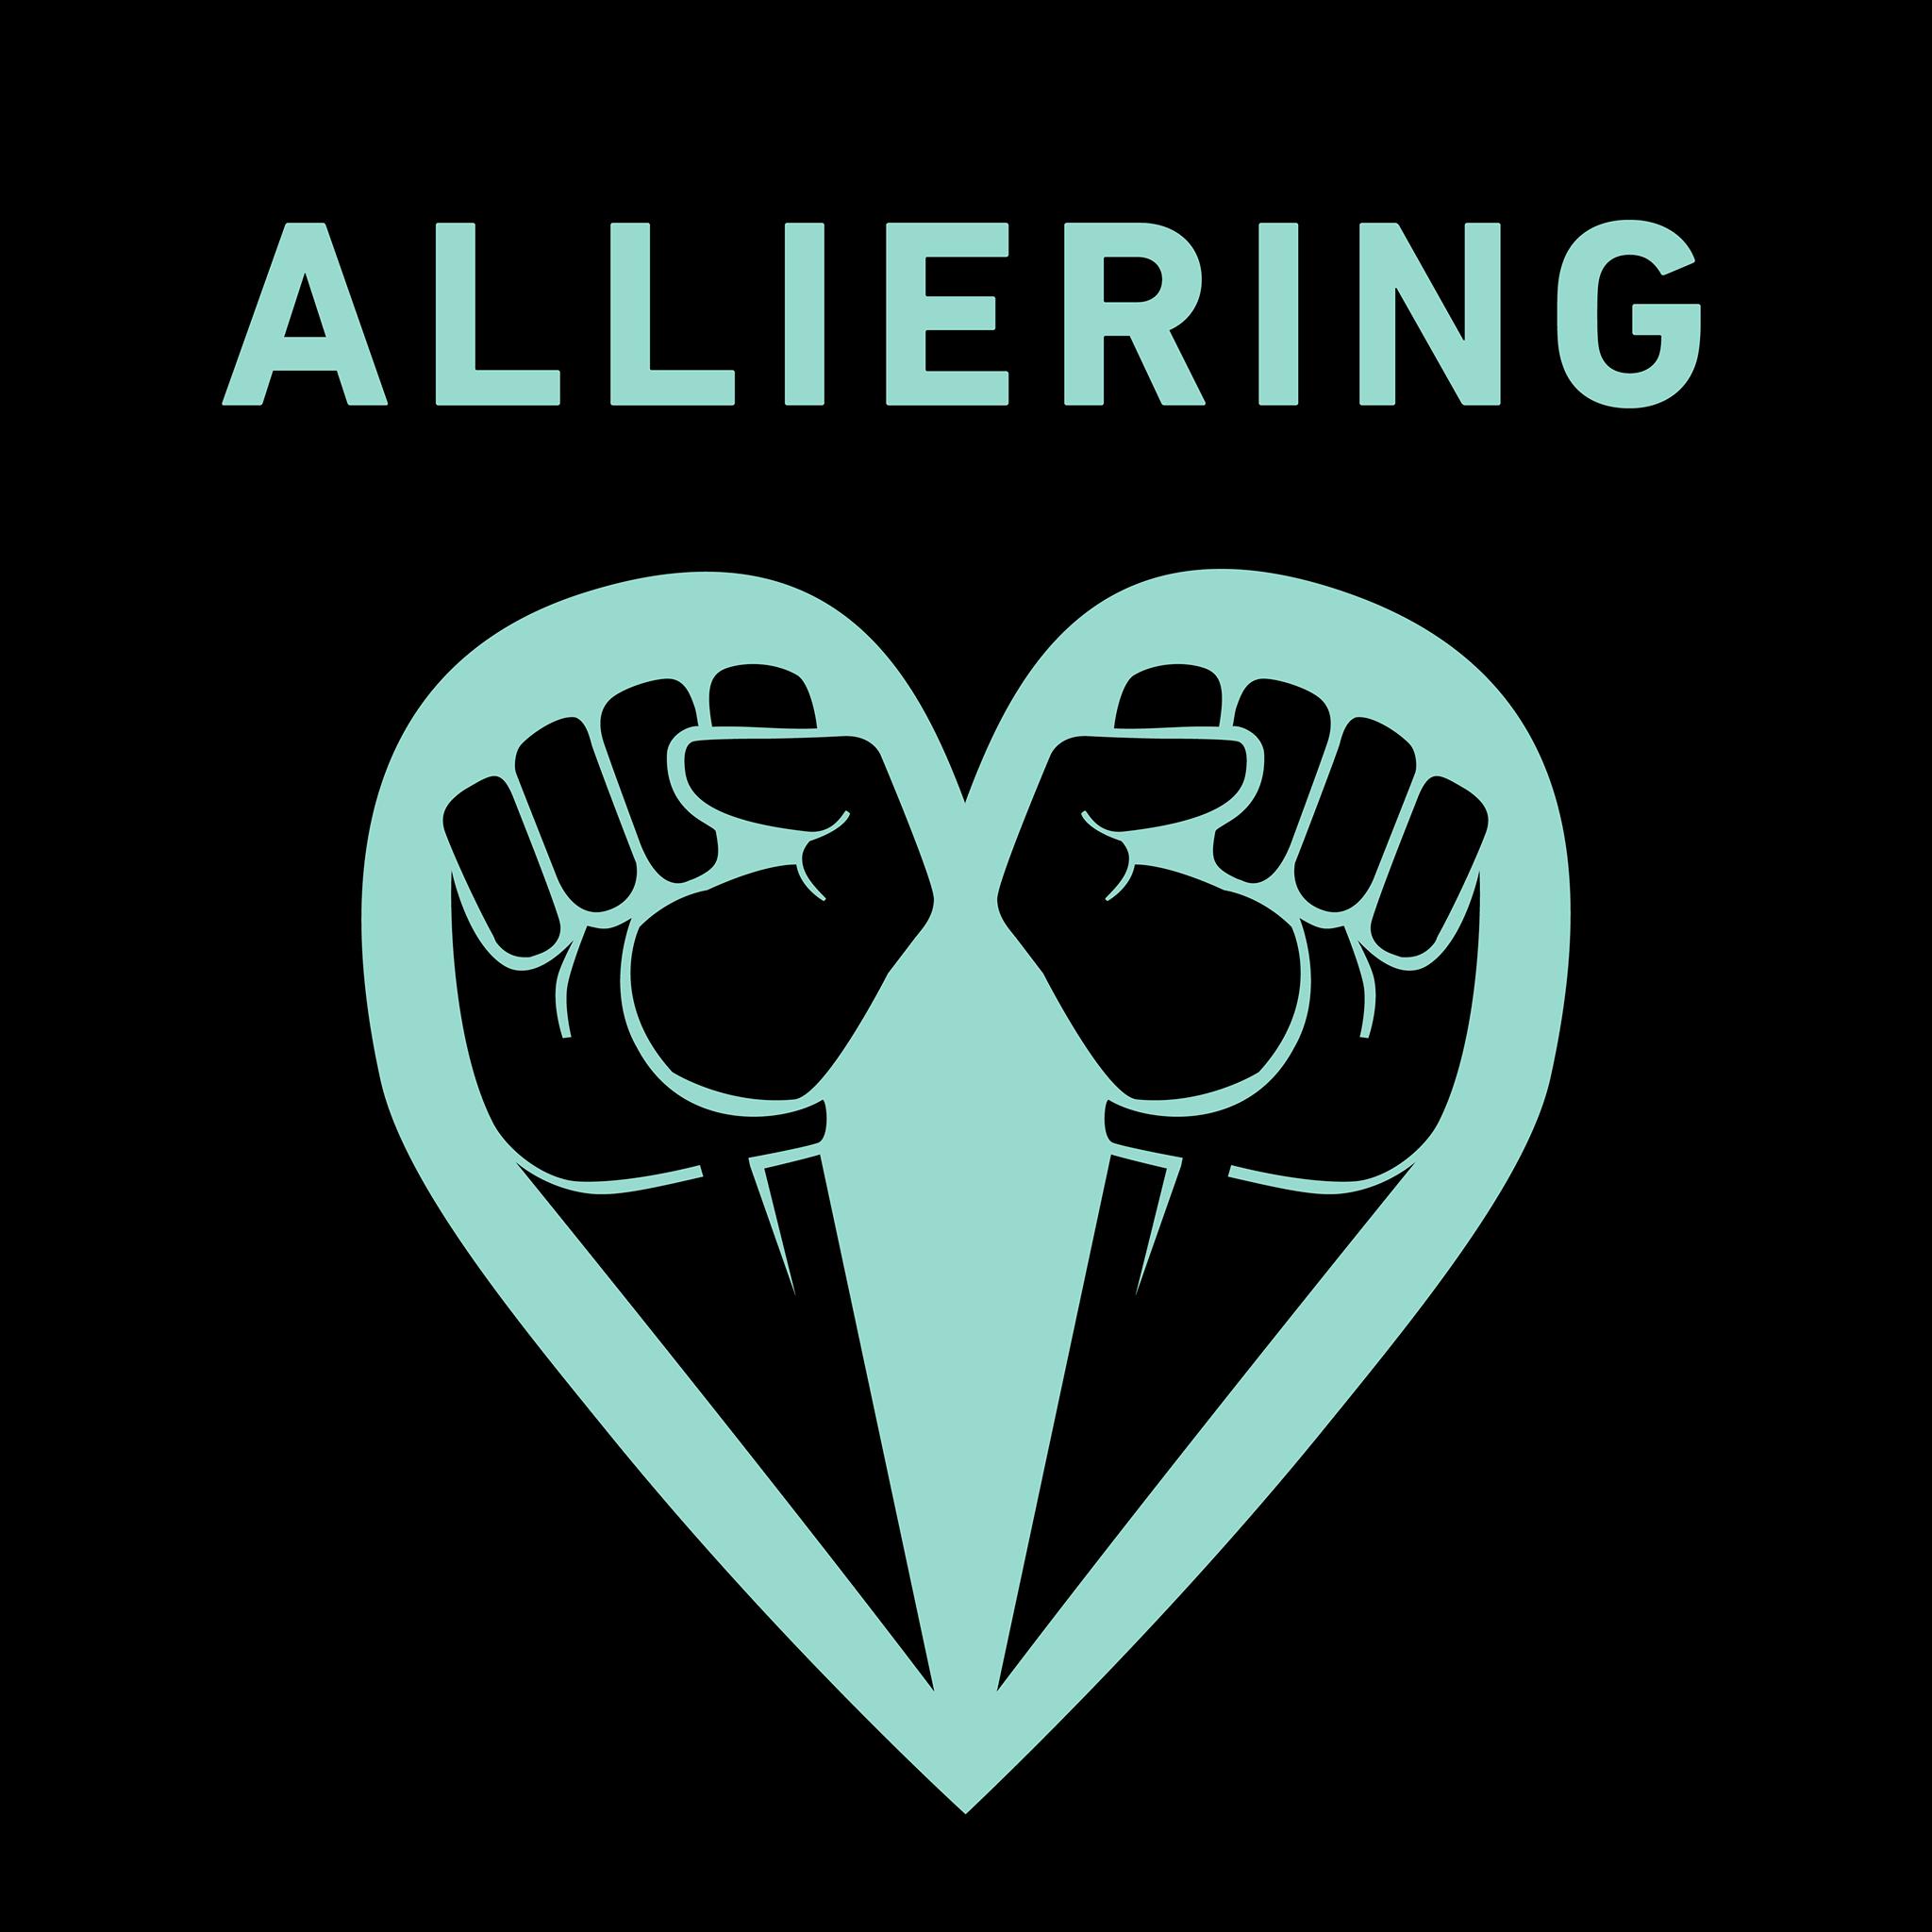 """Formgiven bild med texten """"Alliering"""" samt projekt #Allierads logotyp i form av två knutna nävar formade till ett hjärta."""